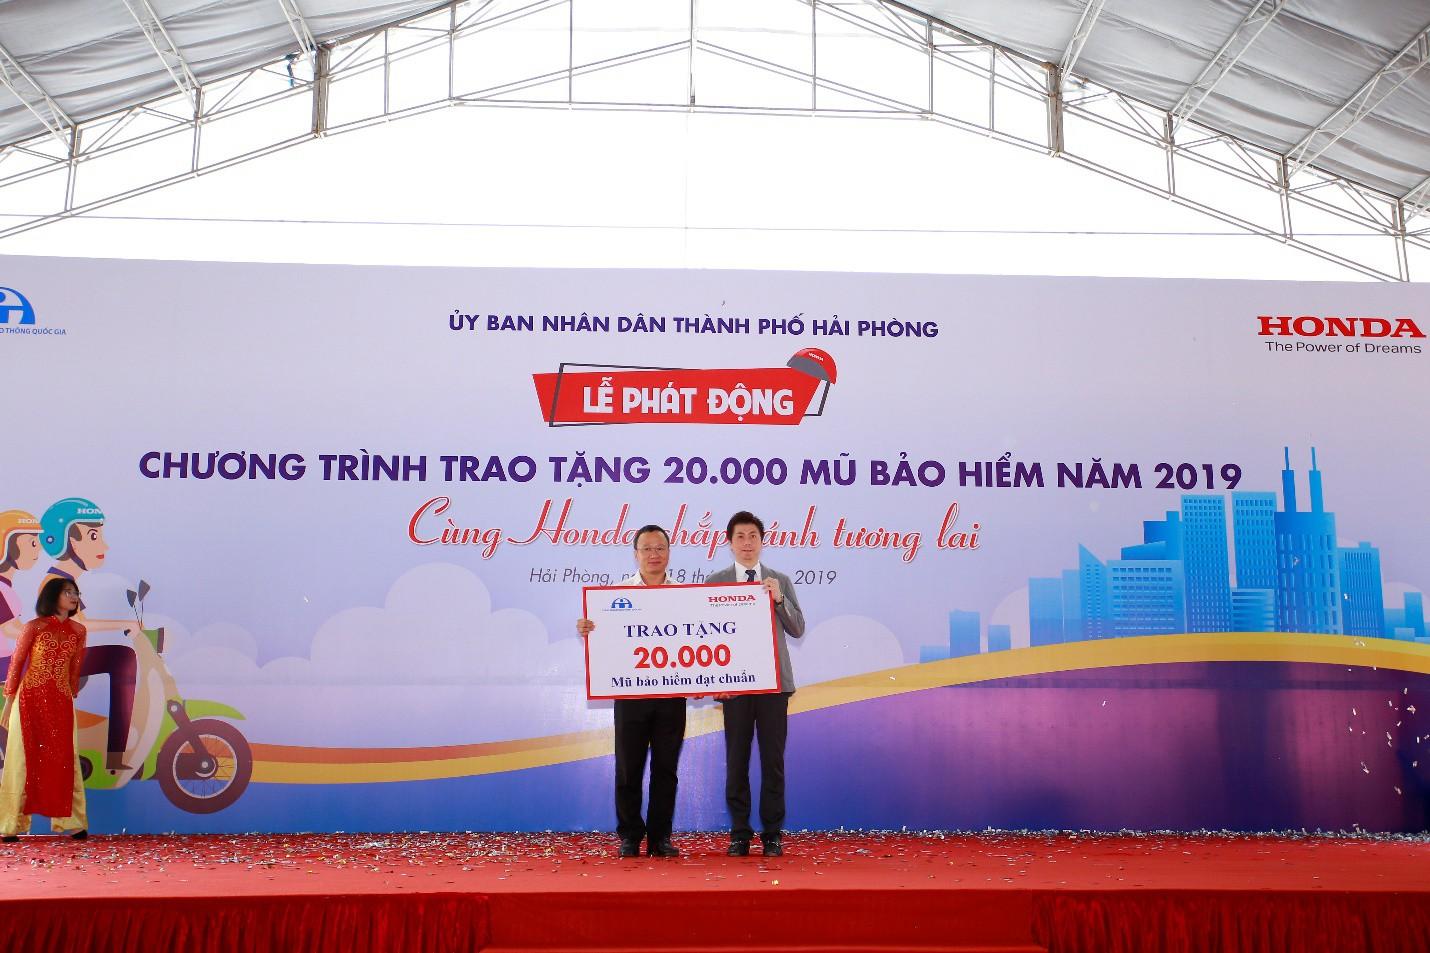 Phát động chương trình trao tặng 20.000 mũ bảo hiểm năm 2019 Cùng Honda chắp cánh tương lai - Ảnh 2.